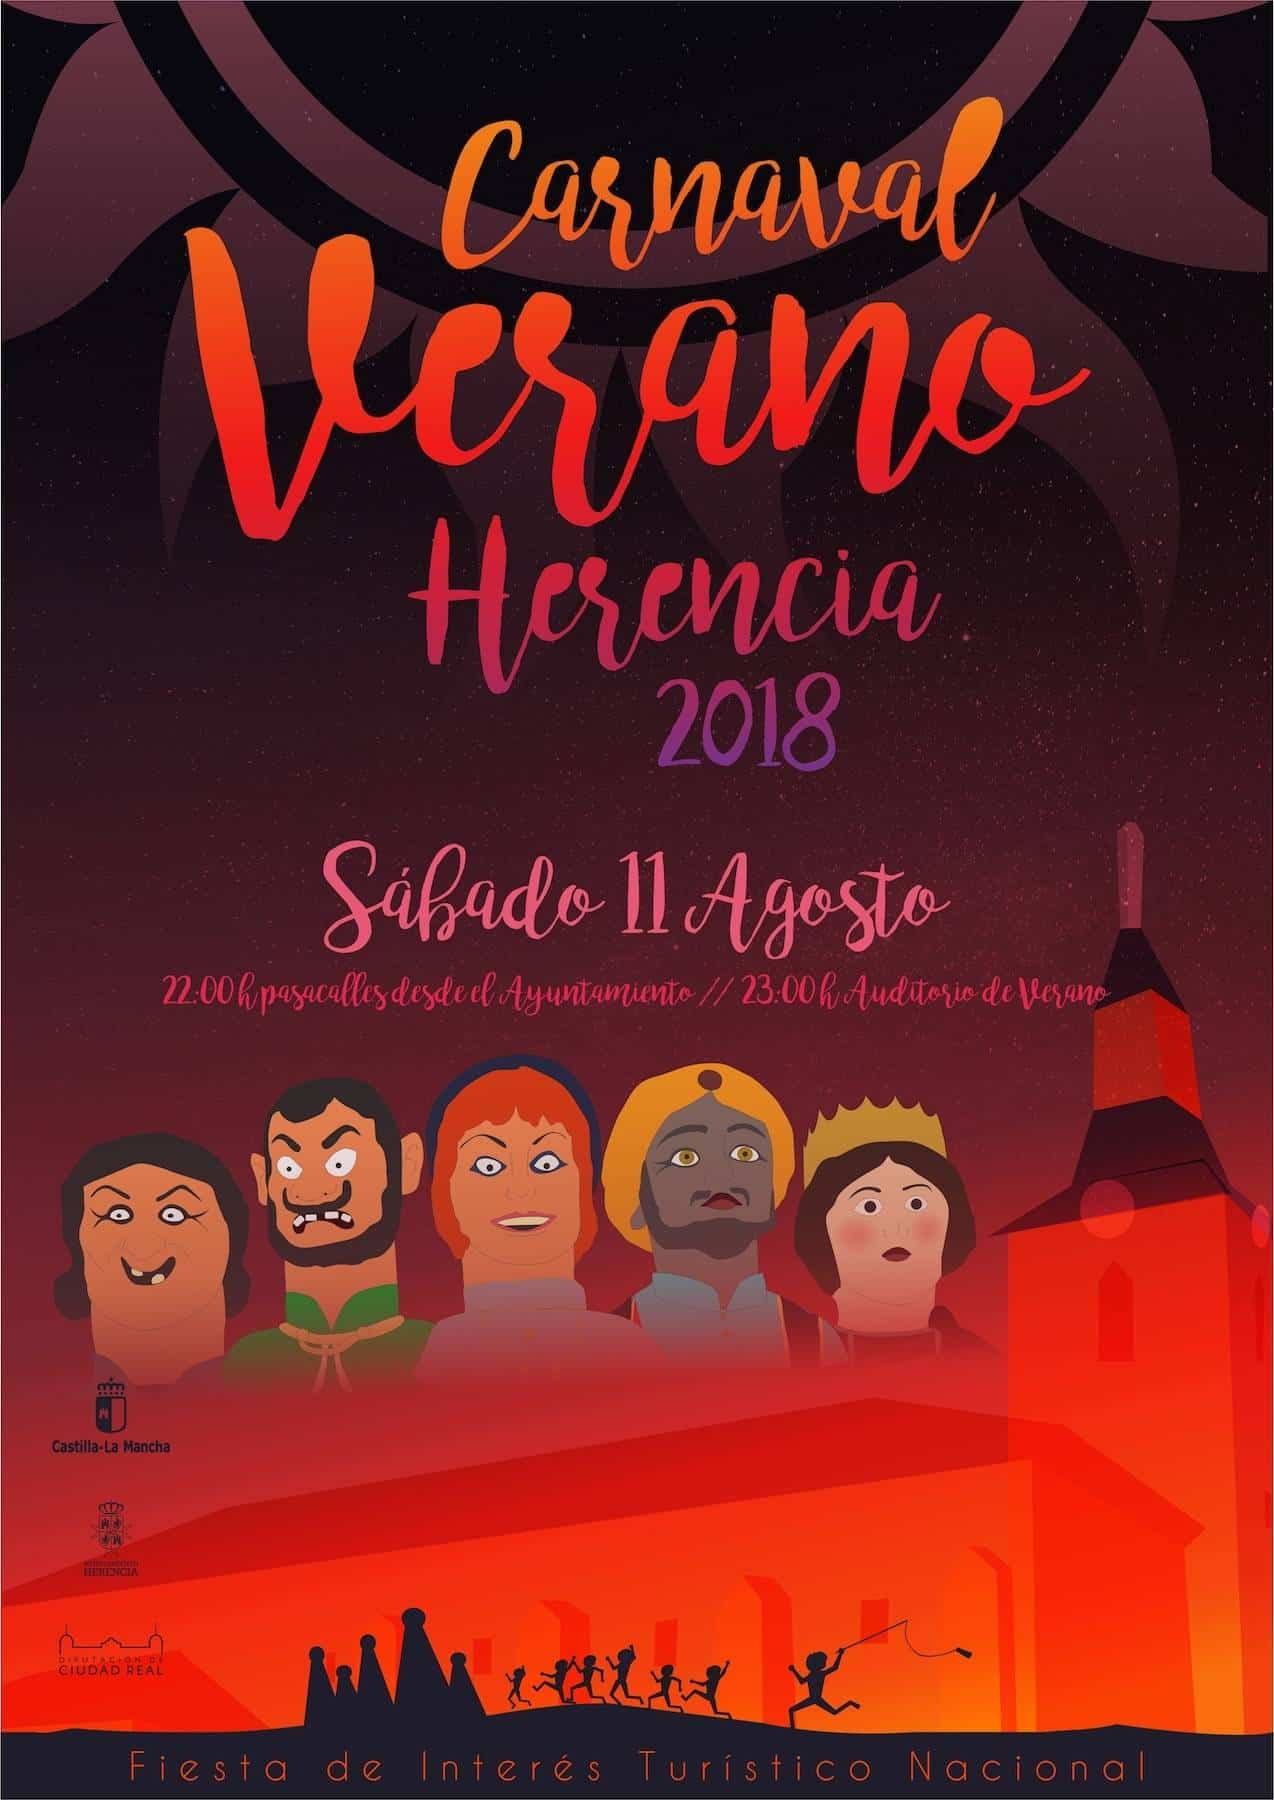 carnaval de verano 2018 herencia ciudad real - El sábado 11 Herencia vivirá su carnaval de verano